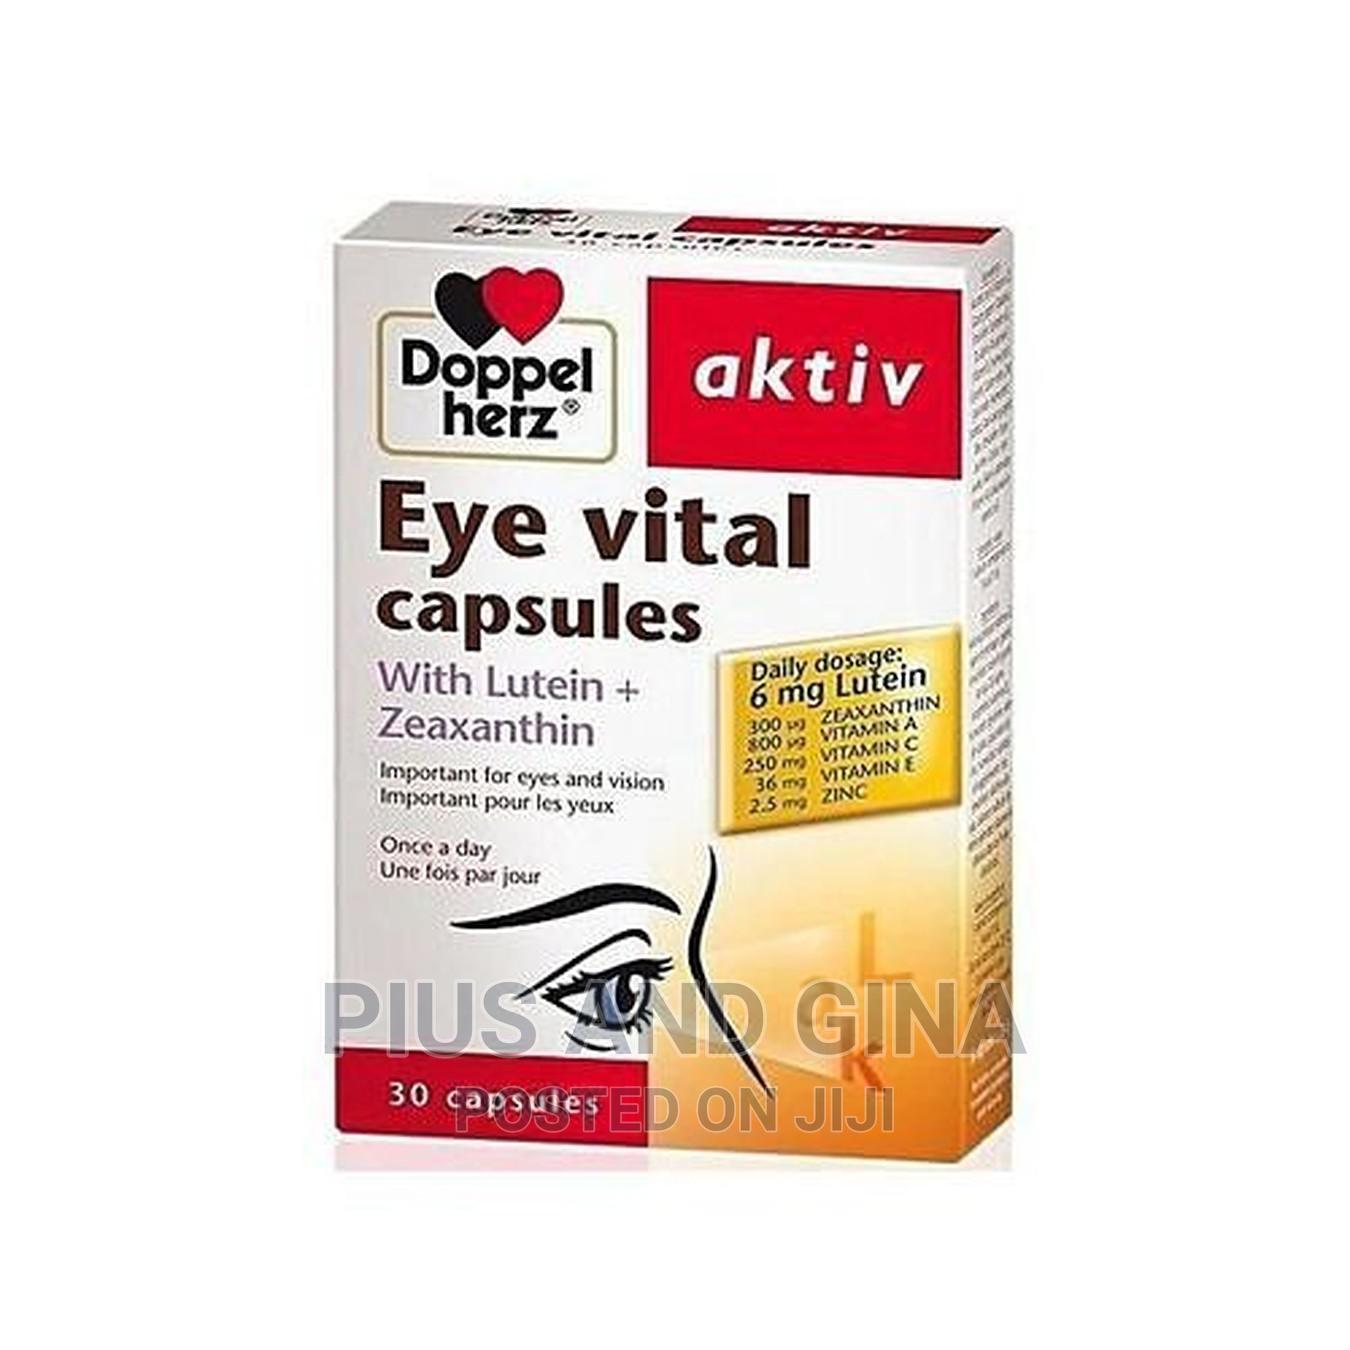 Doppelherz Aktiv Eye Vital (Eye Antioxidant) X30 Caps